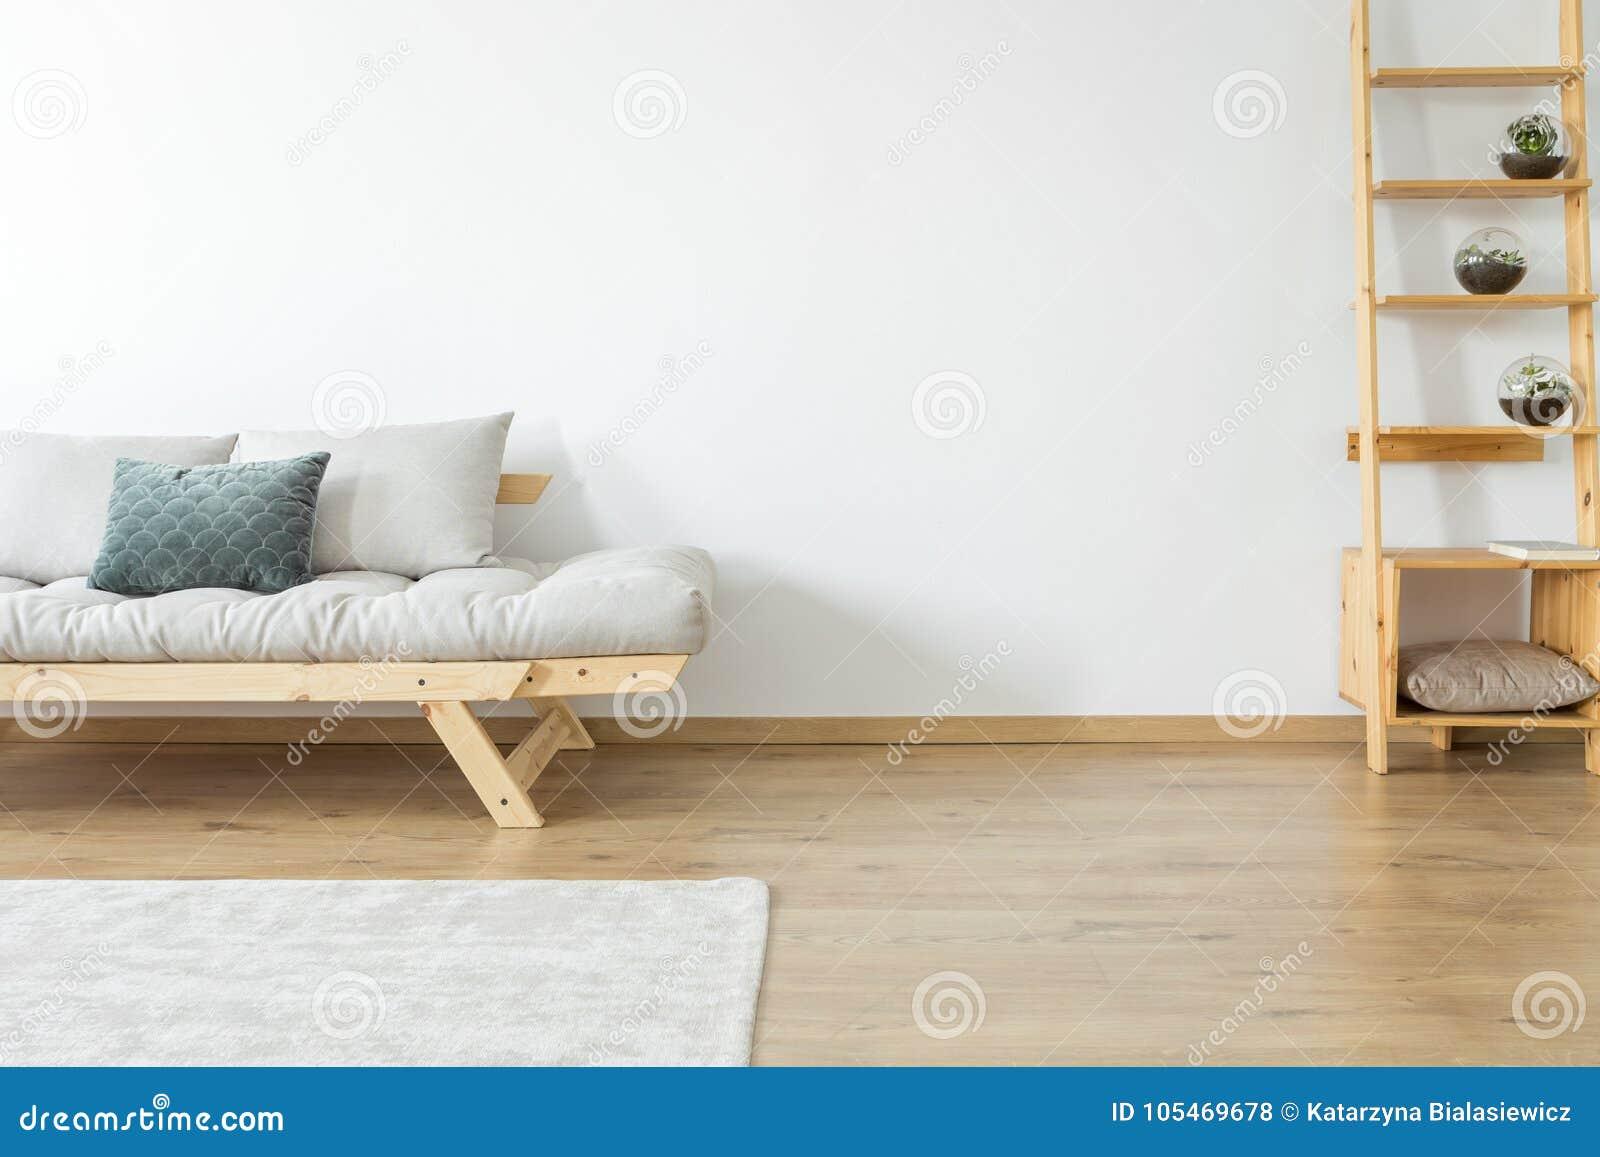 Soffa i beige vardagsrum